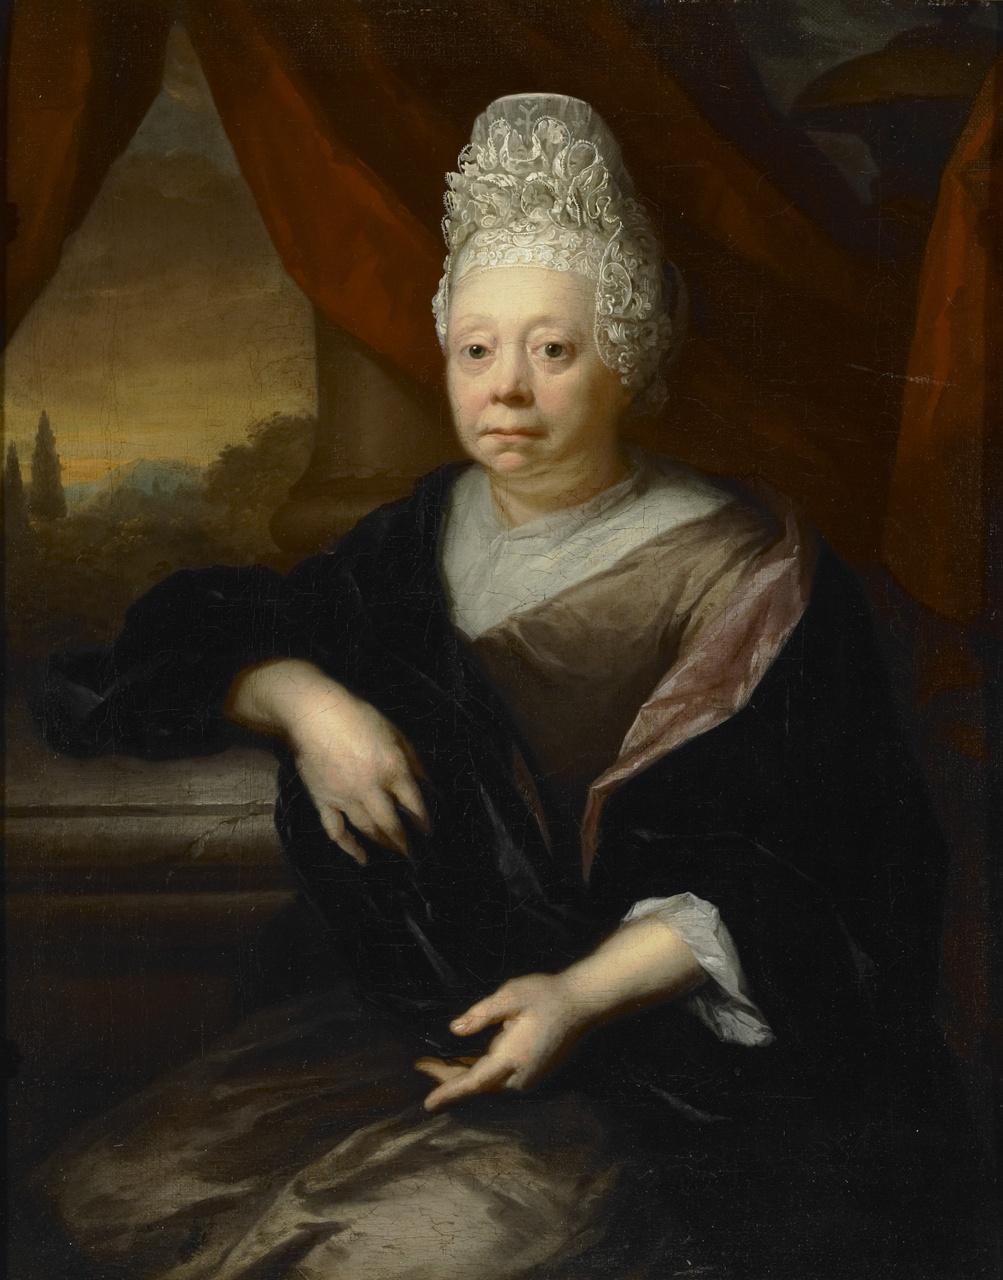 Erckenraet Berck (1628-), gehuwd met Adriaan Snouck, Arnold Boonen